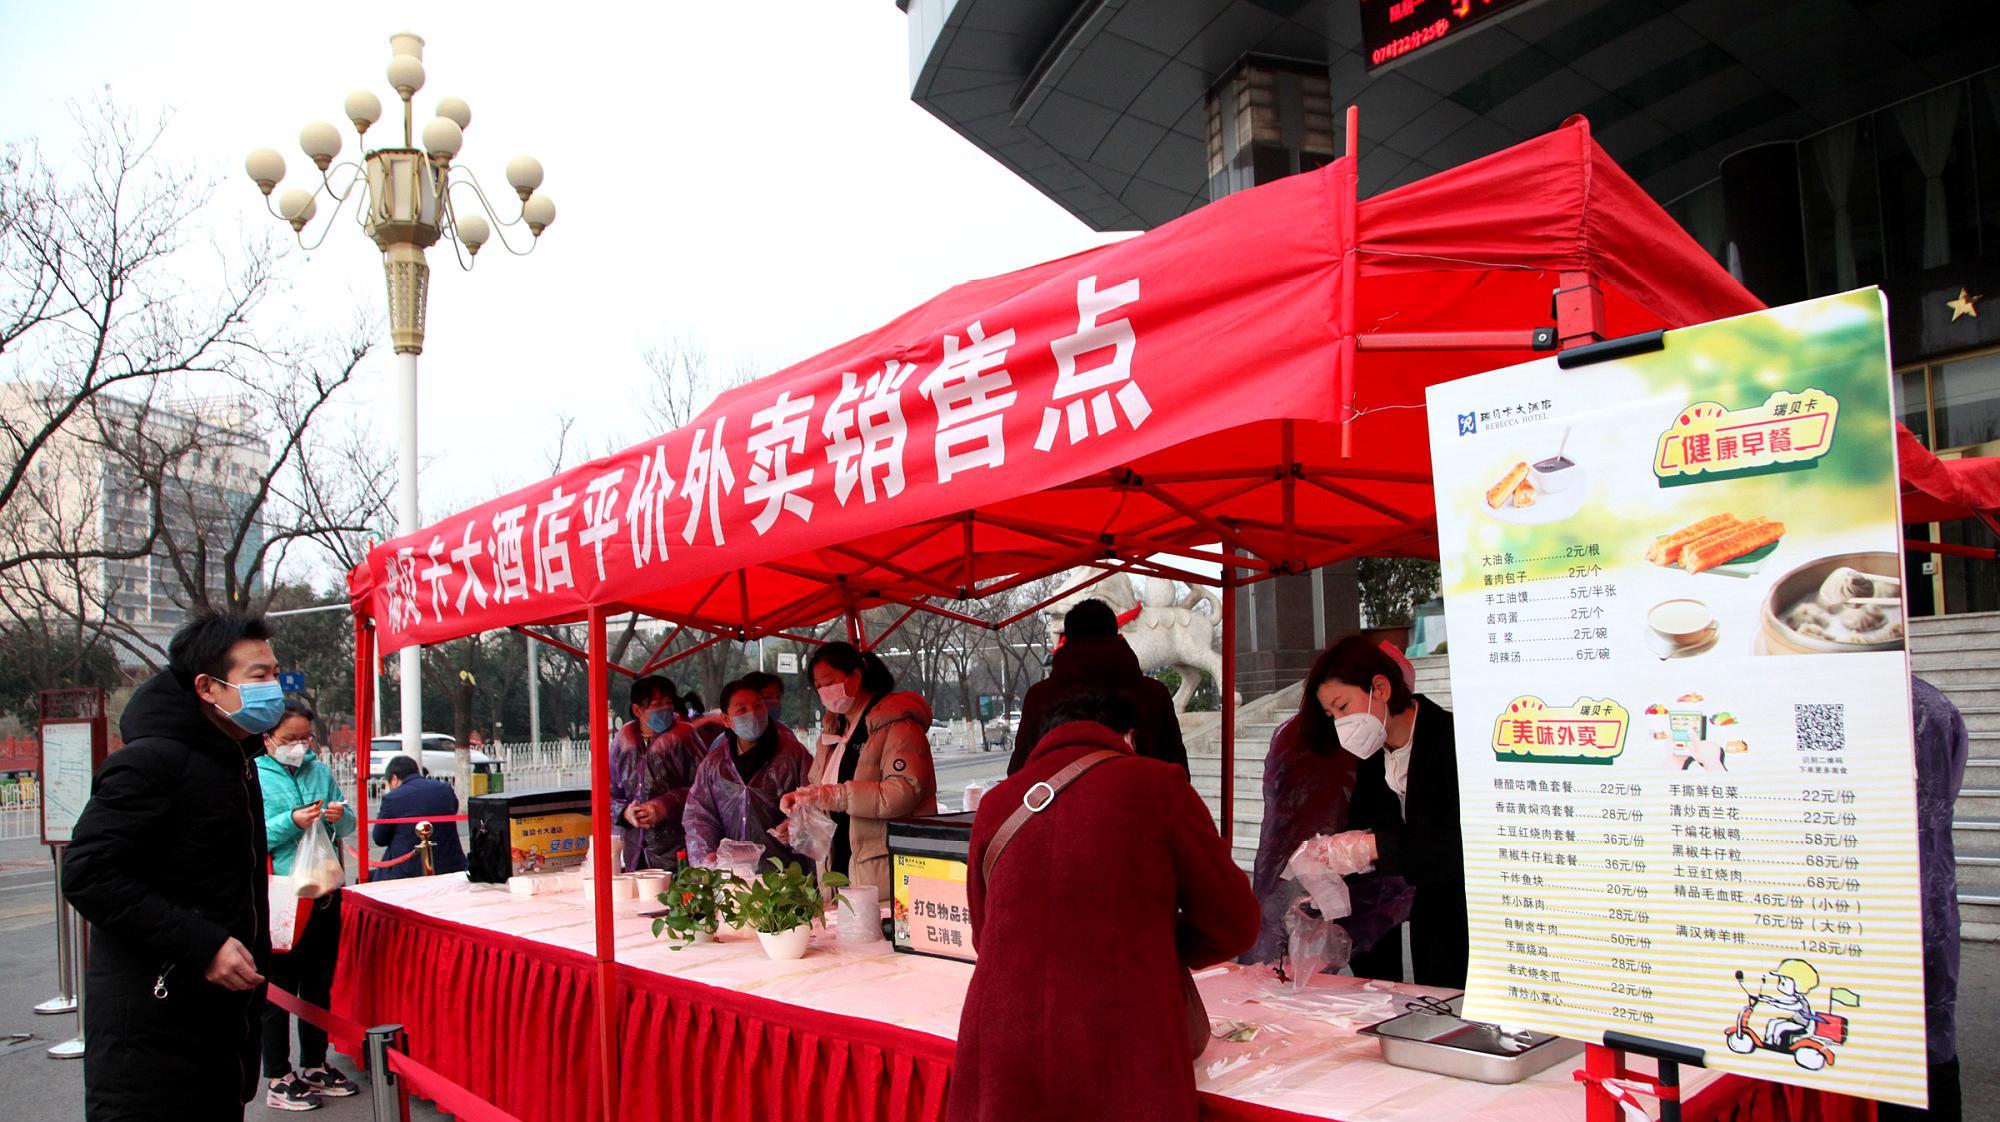 河南许昌瑞贝卡大酒店创新经营模式 推出平价外卖销售点